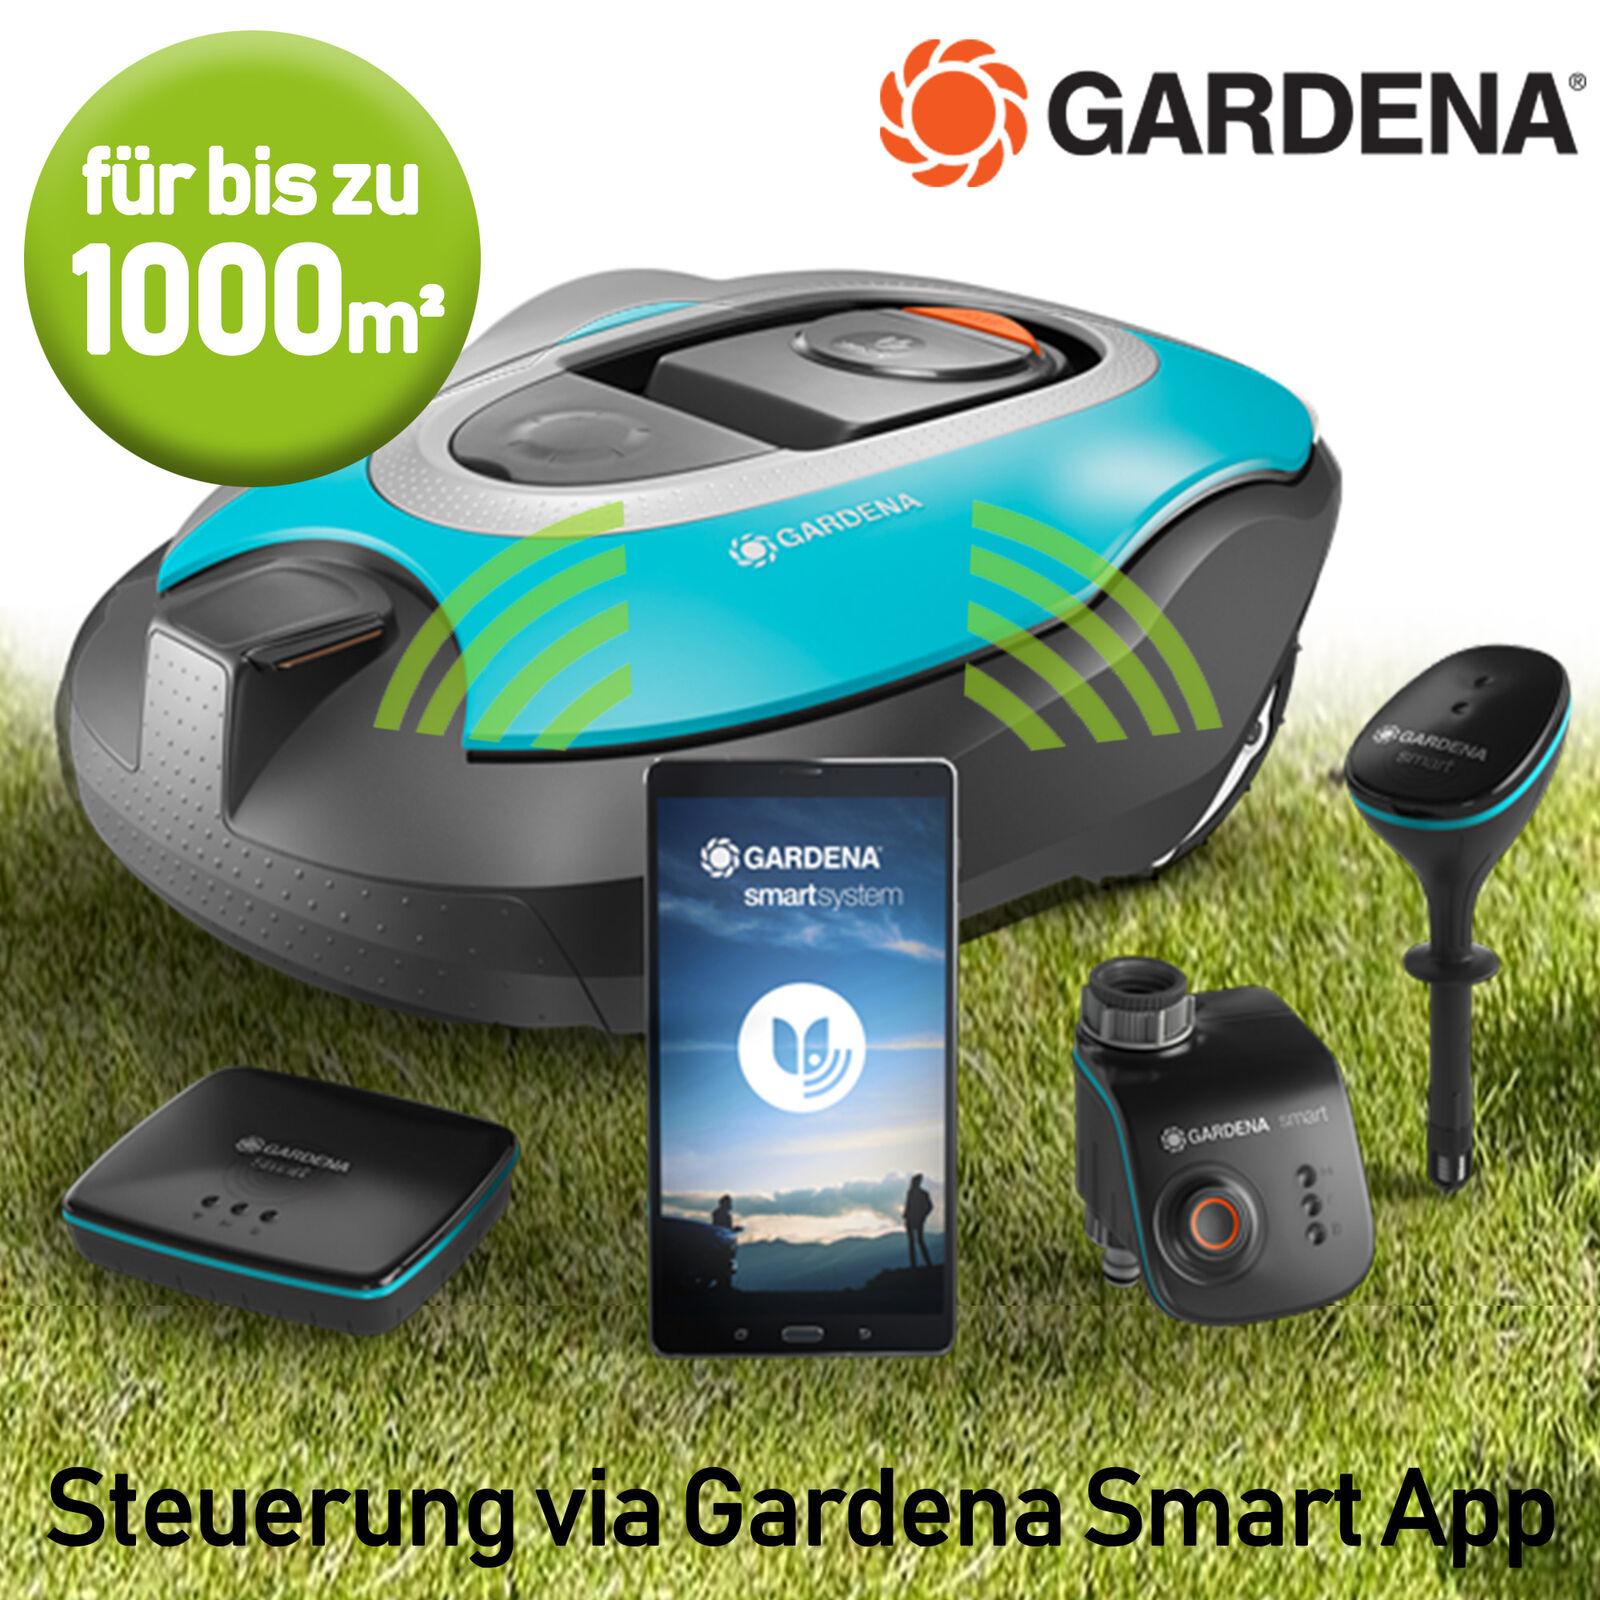 Gardena Mähroboter Rasenroboter Rasenmäher vollautomatisch App Steuerung 1000 m²